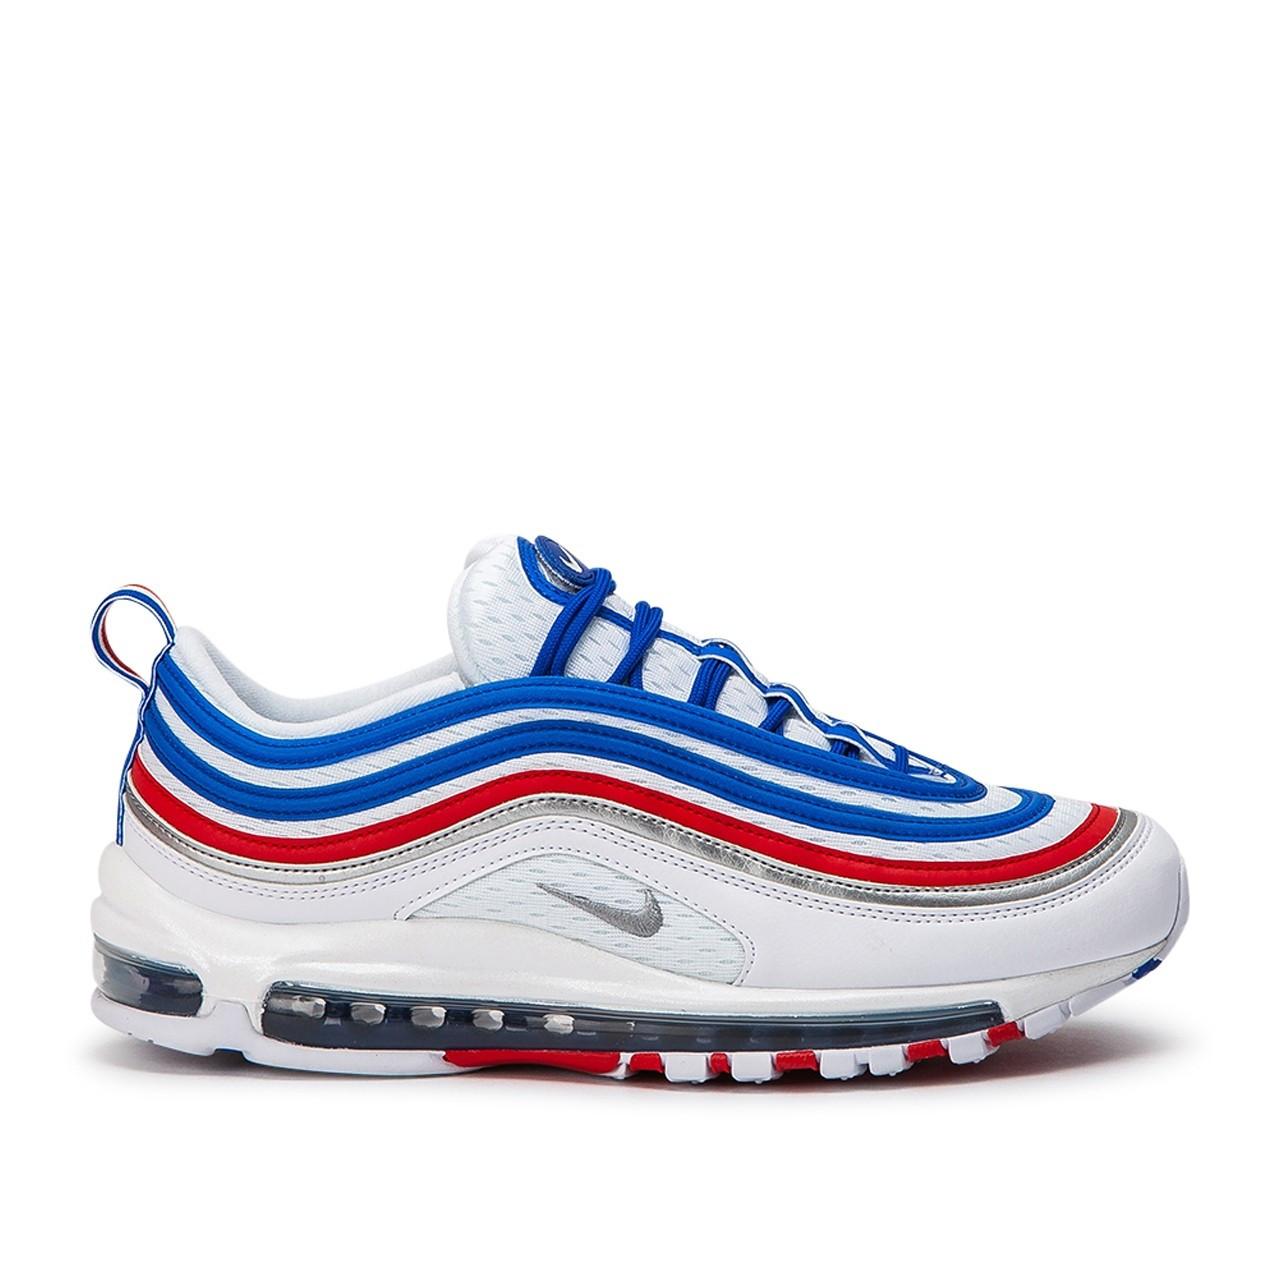 """Кроссовки Nike Air Max 97 All Star """"Белые\Синие\Красные"""""""